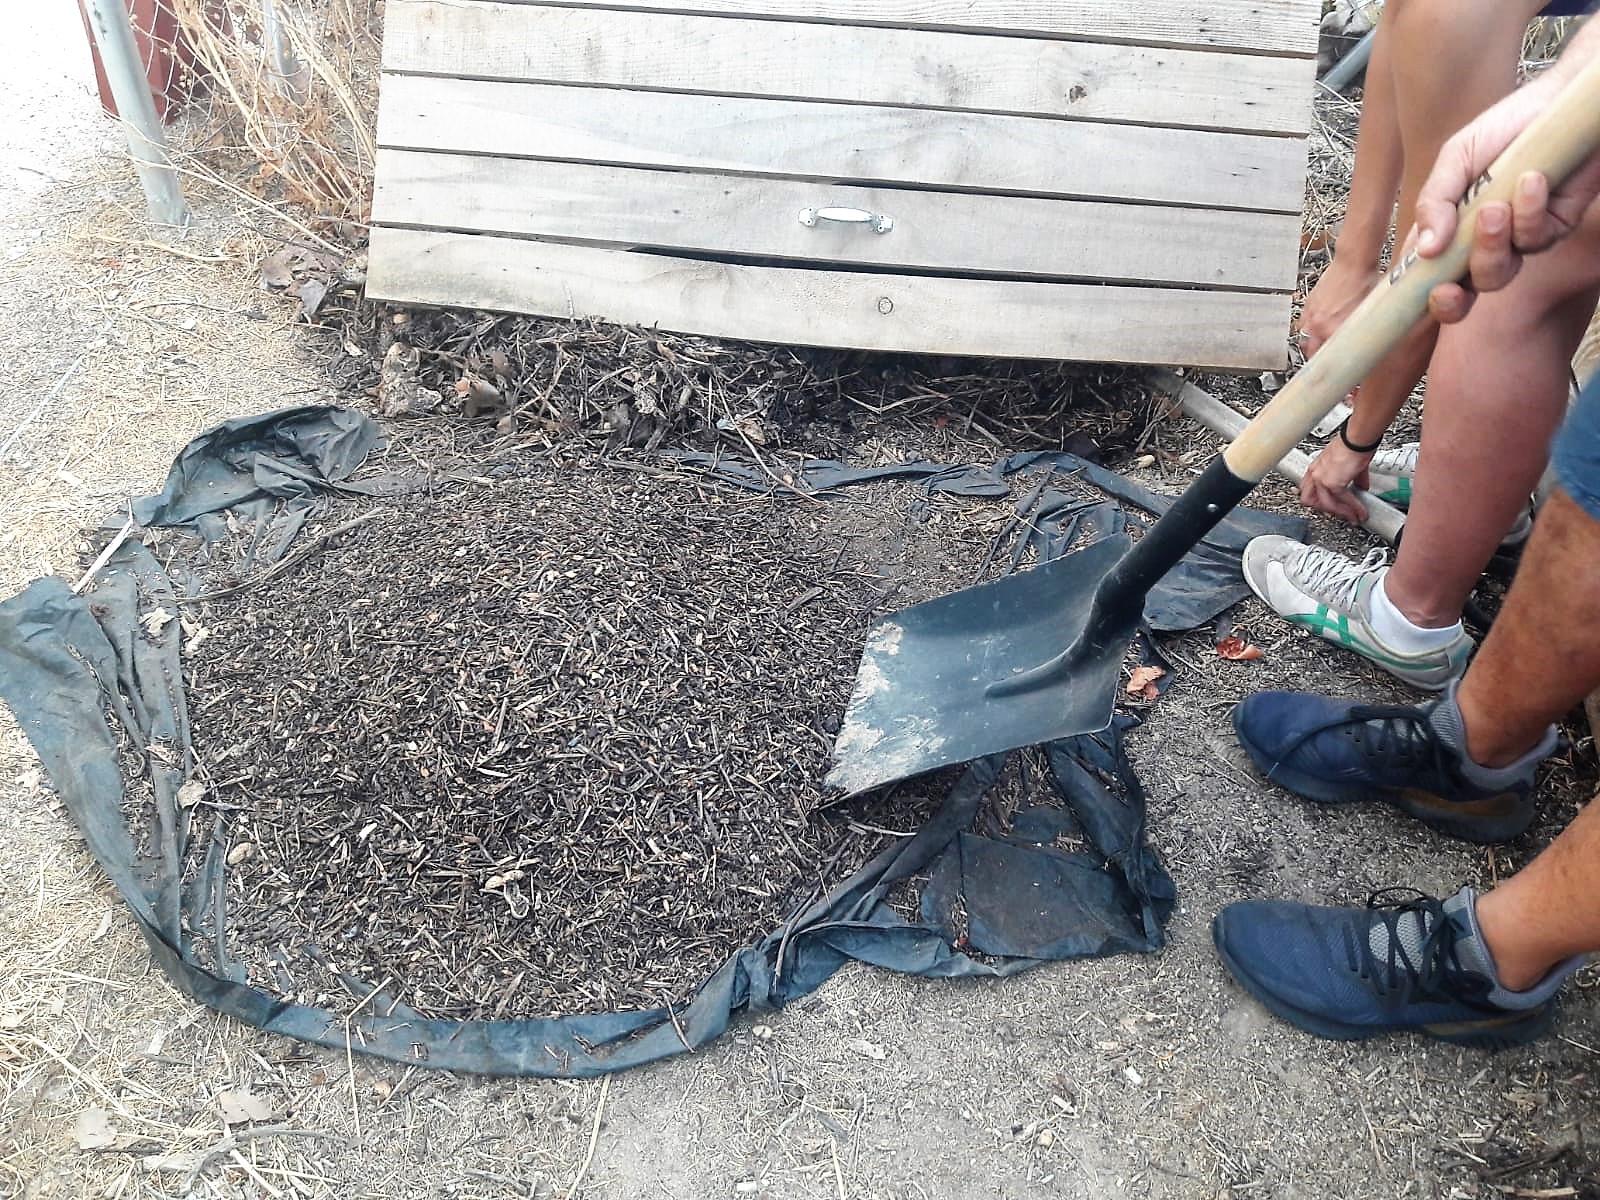 Los participantes en el programa Residuos Cero han obtenido su segunda cosecha de compost